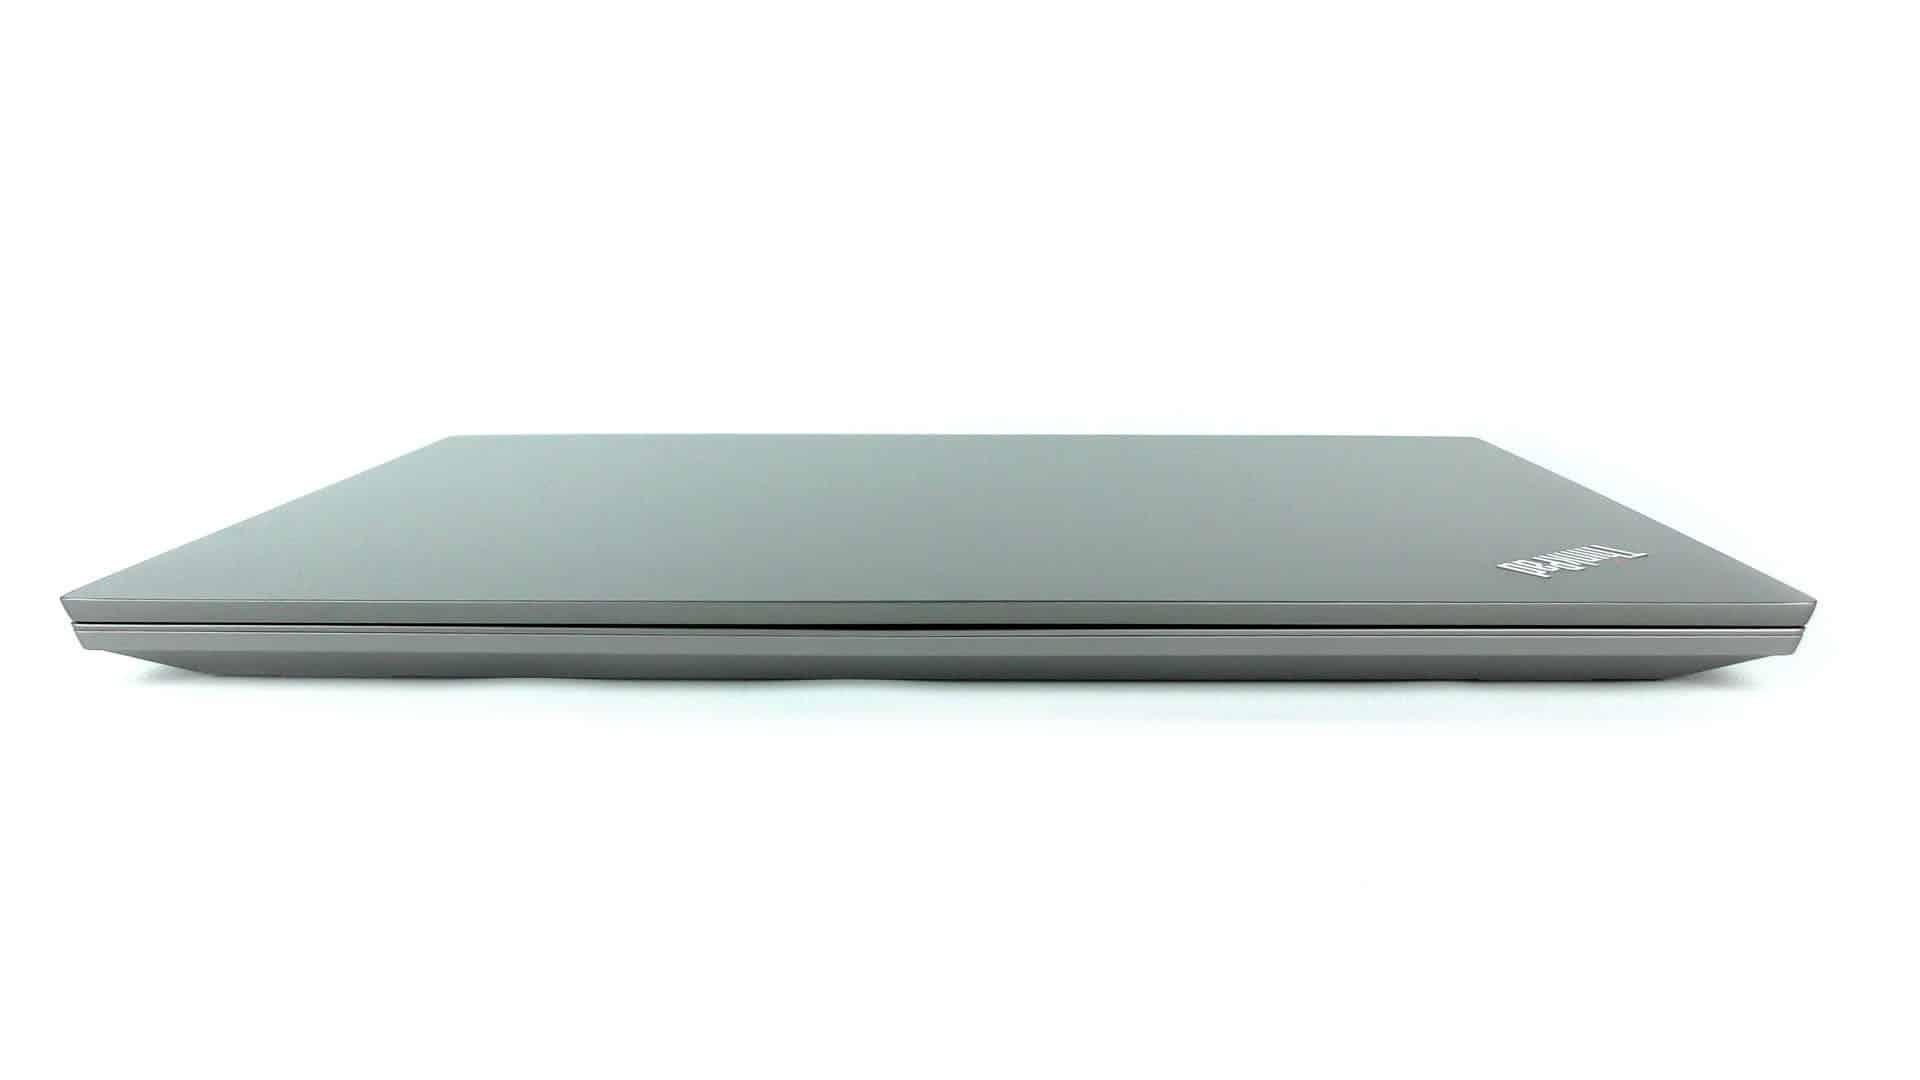 Lenovo ThinkPad E580 - front notebooka